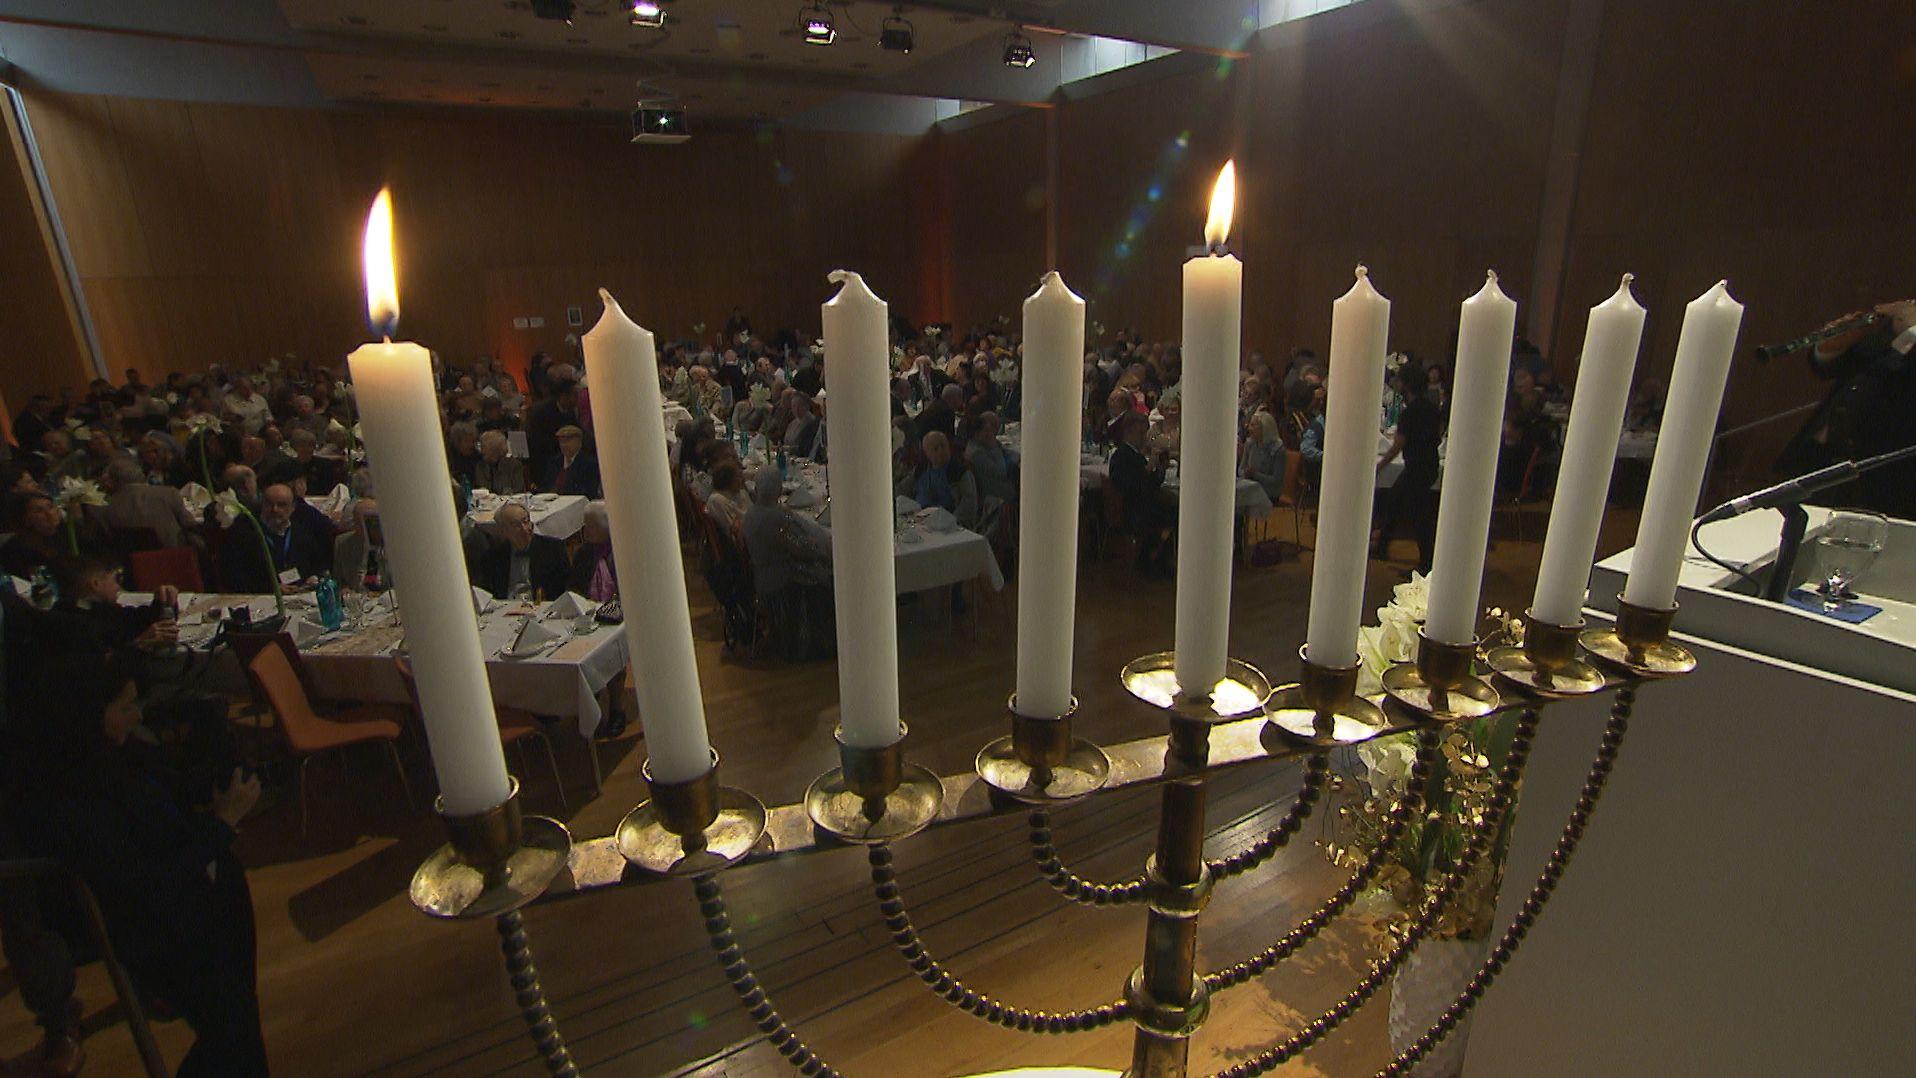 Das jüdische Lichterfest hat begonnen. Damit erinnern die Juden an die Wiedereinweihung des zweiten Tempels in Jerusalem 164 v. Chr.